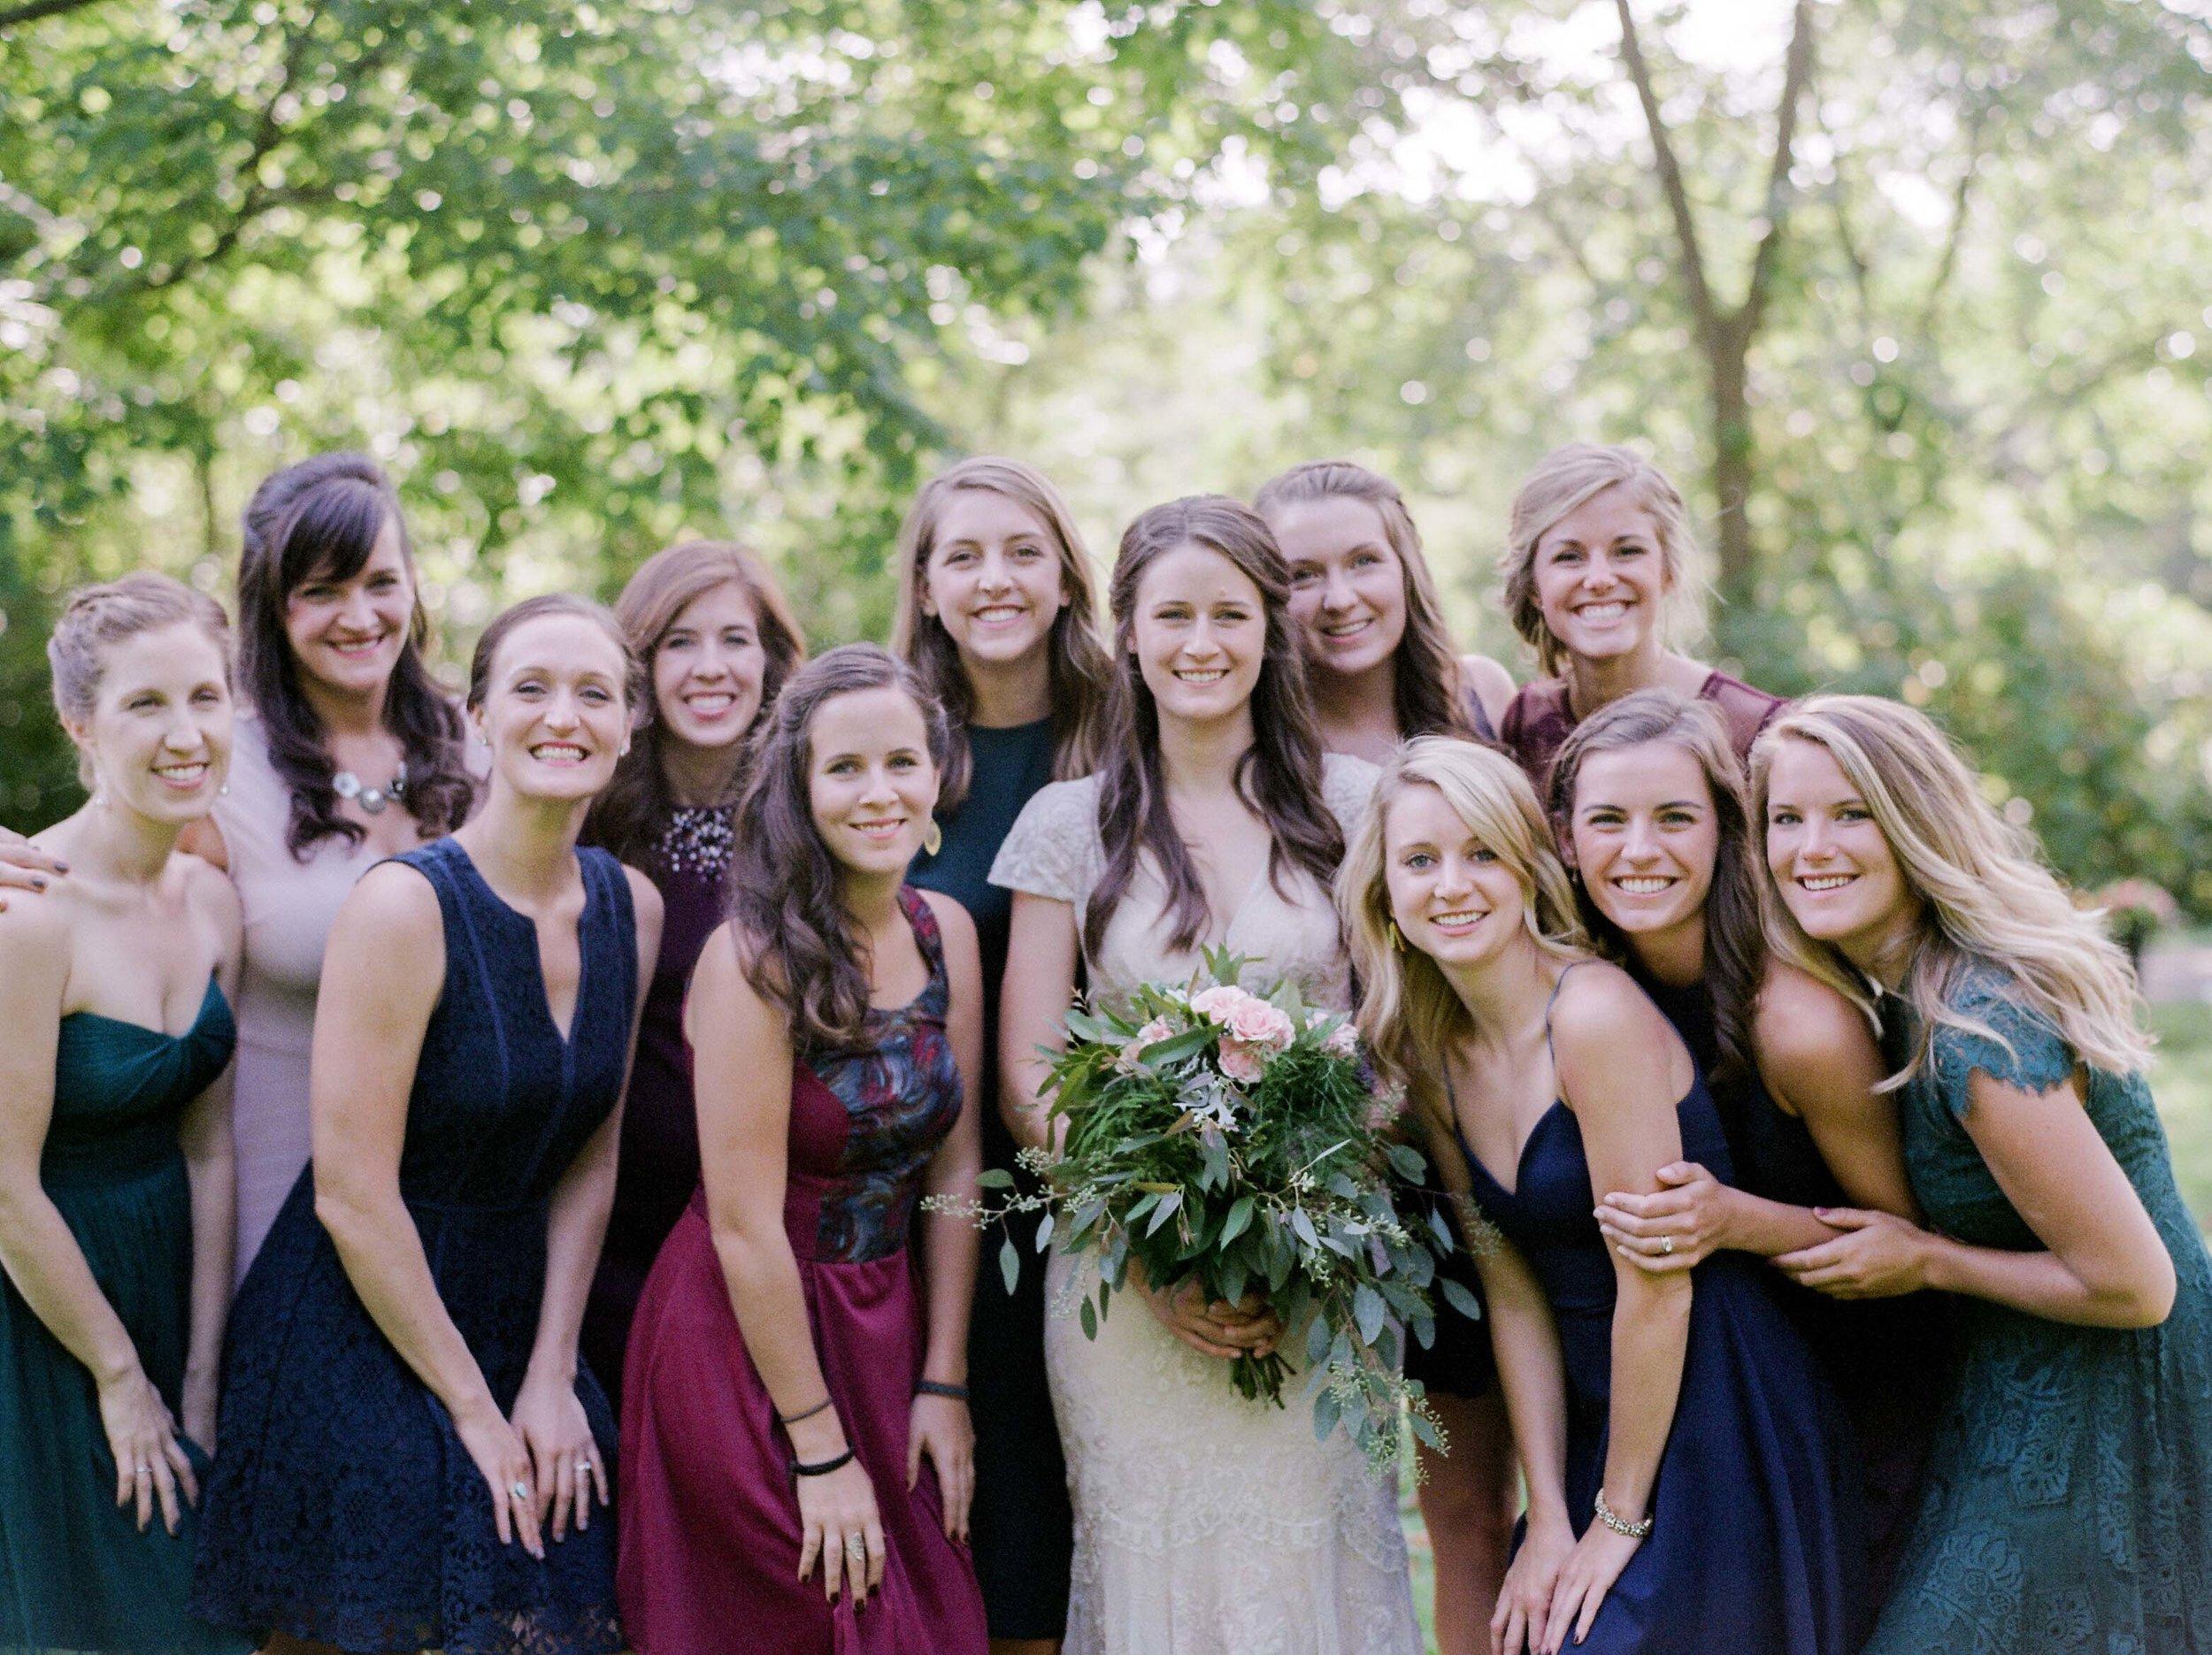 kateweinsteinphoto_clairewillie_wedding-257.jpg